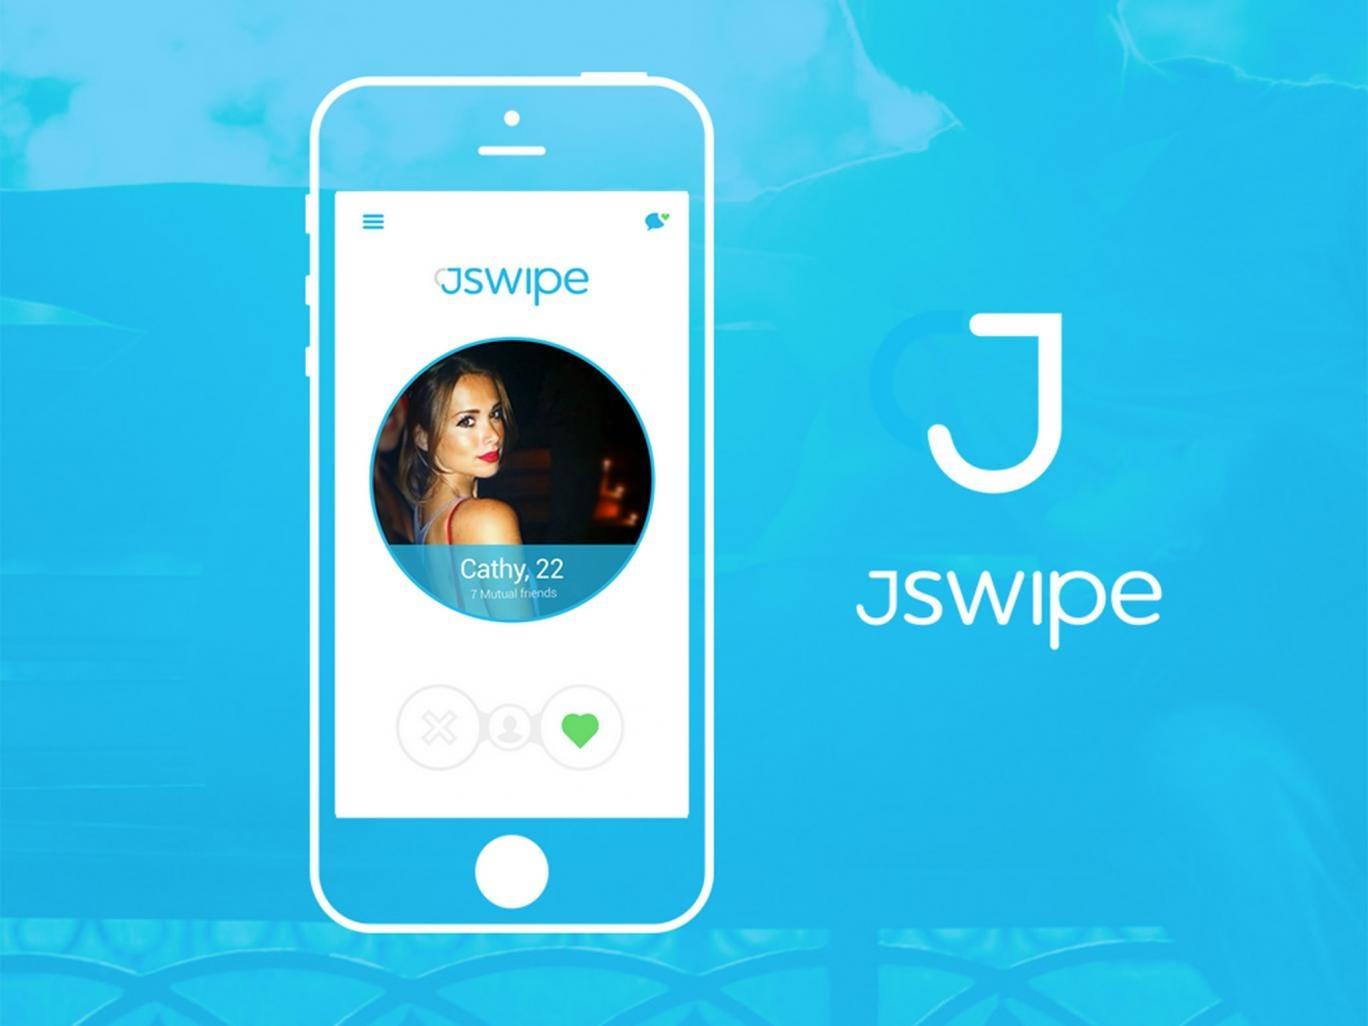 Jswipe dating app